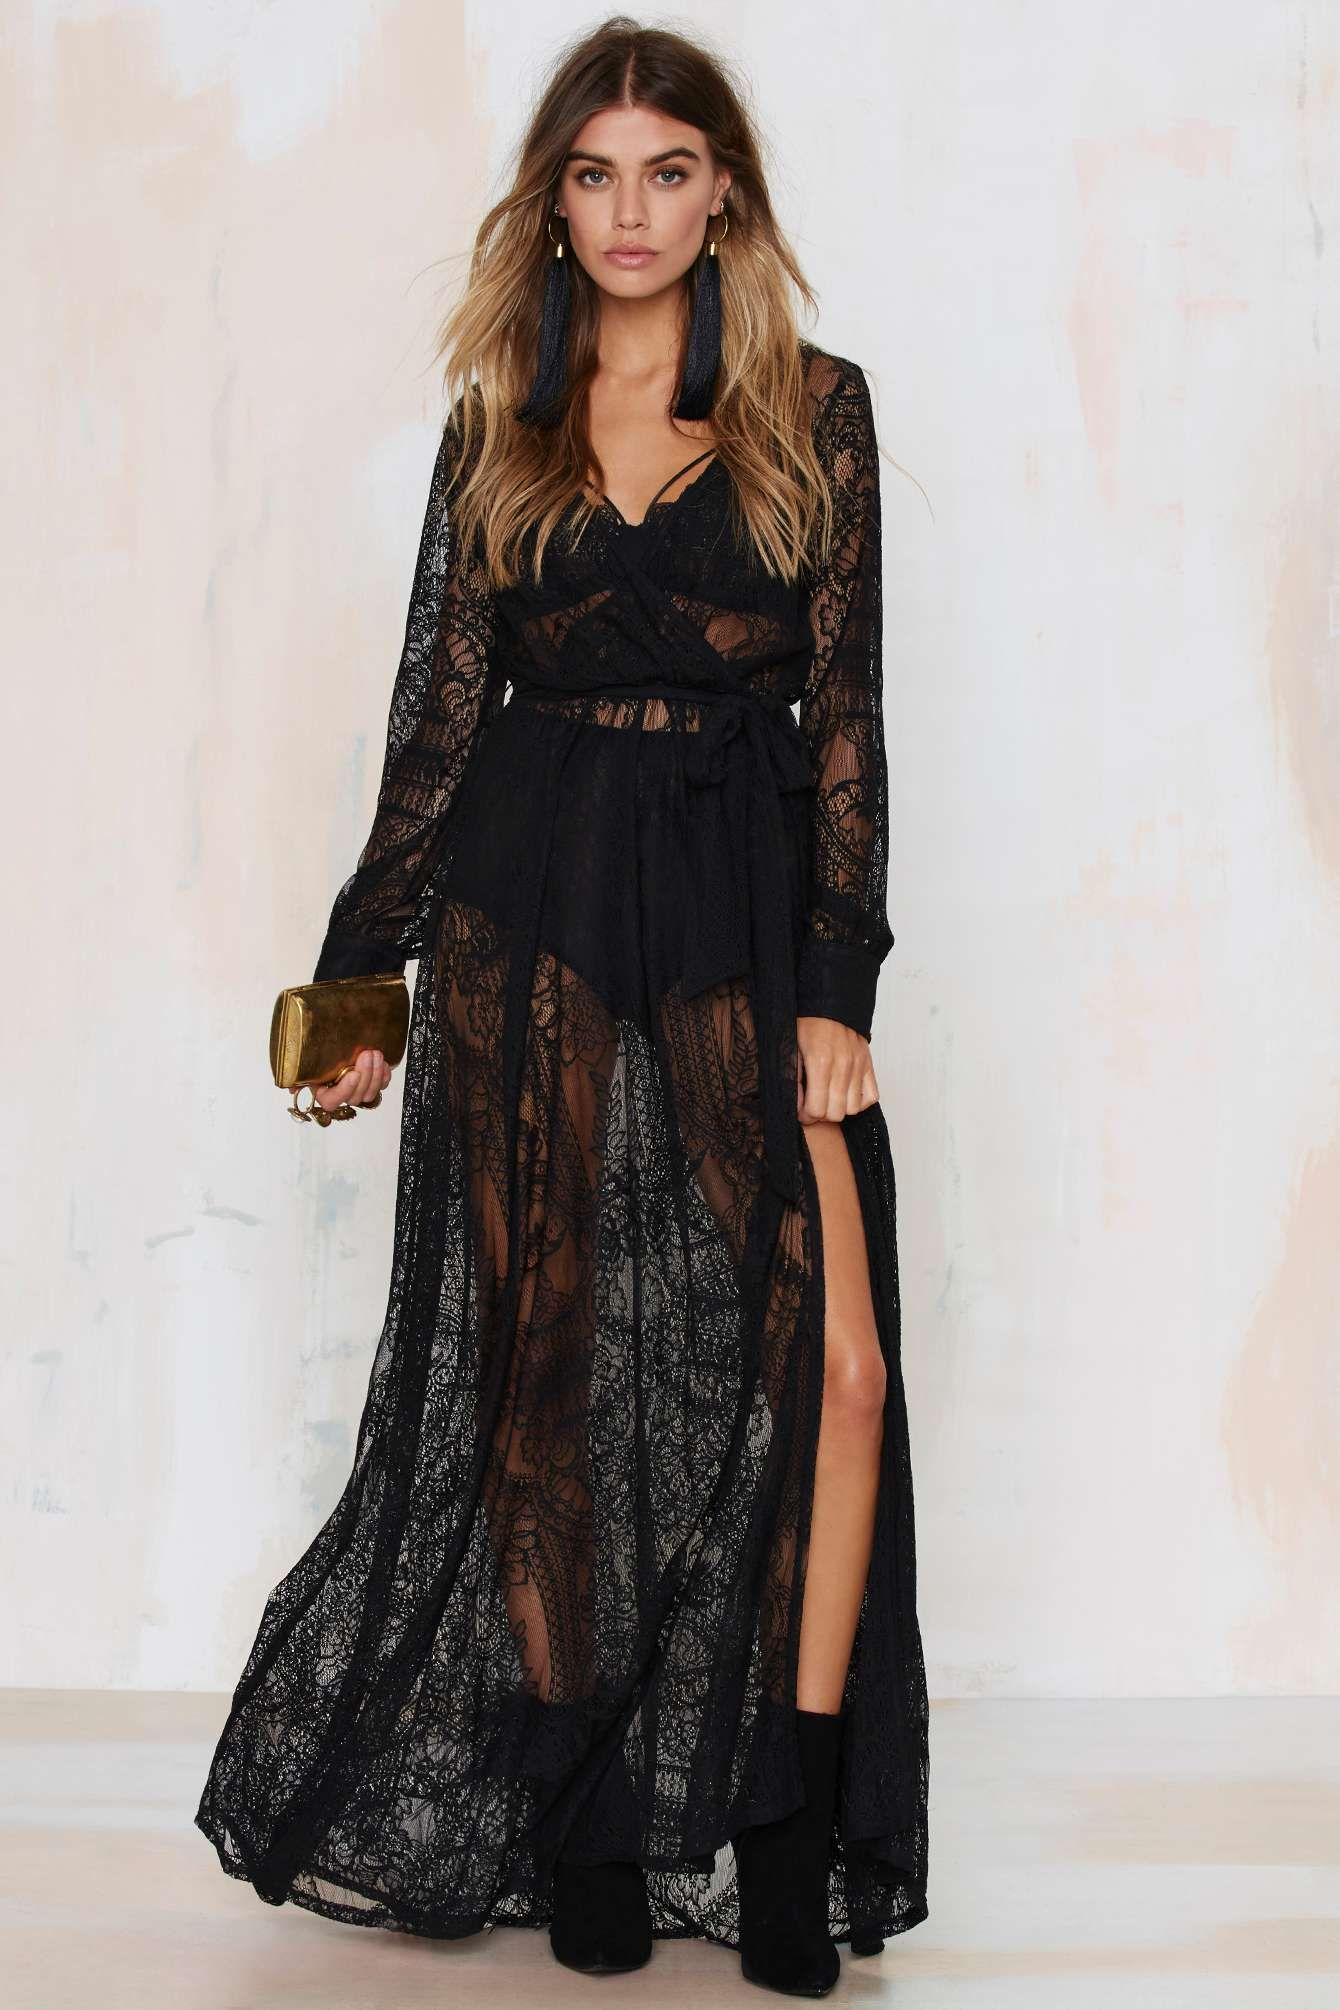 Nasty gal black sheer long sleeved lace maxi dress dreams